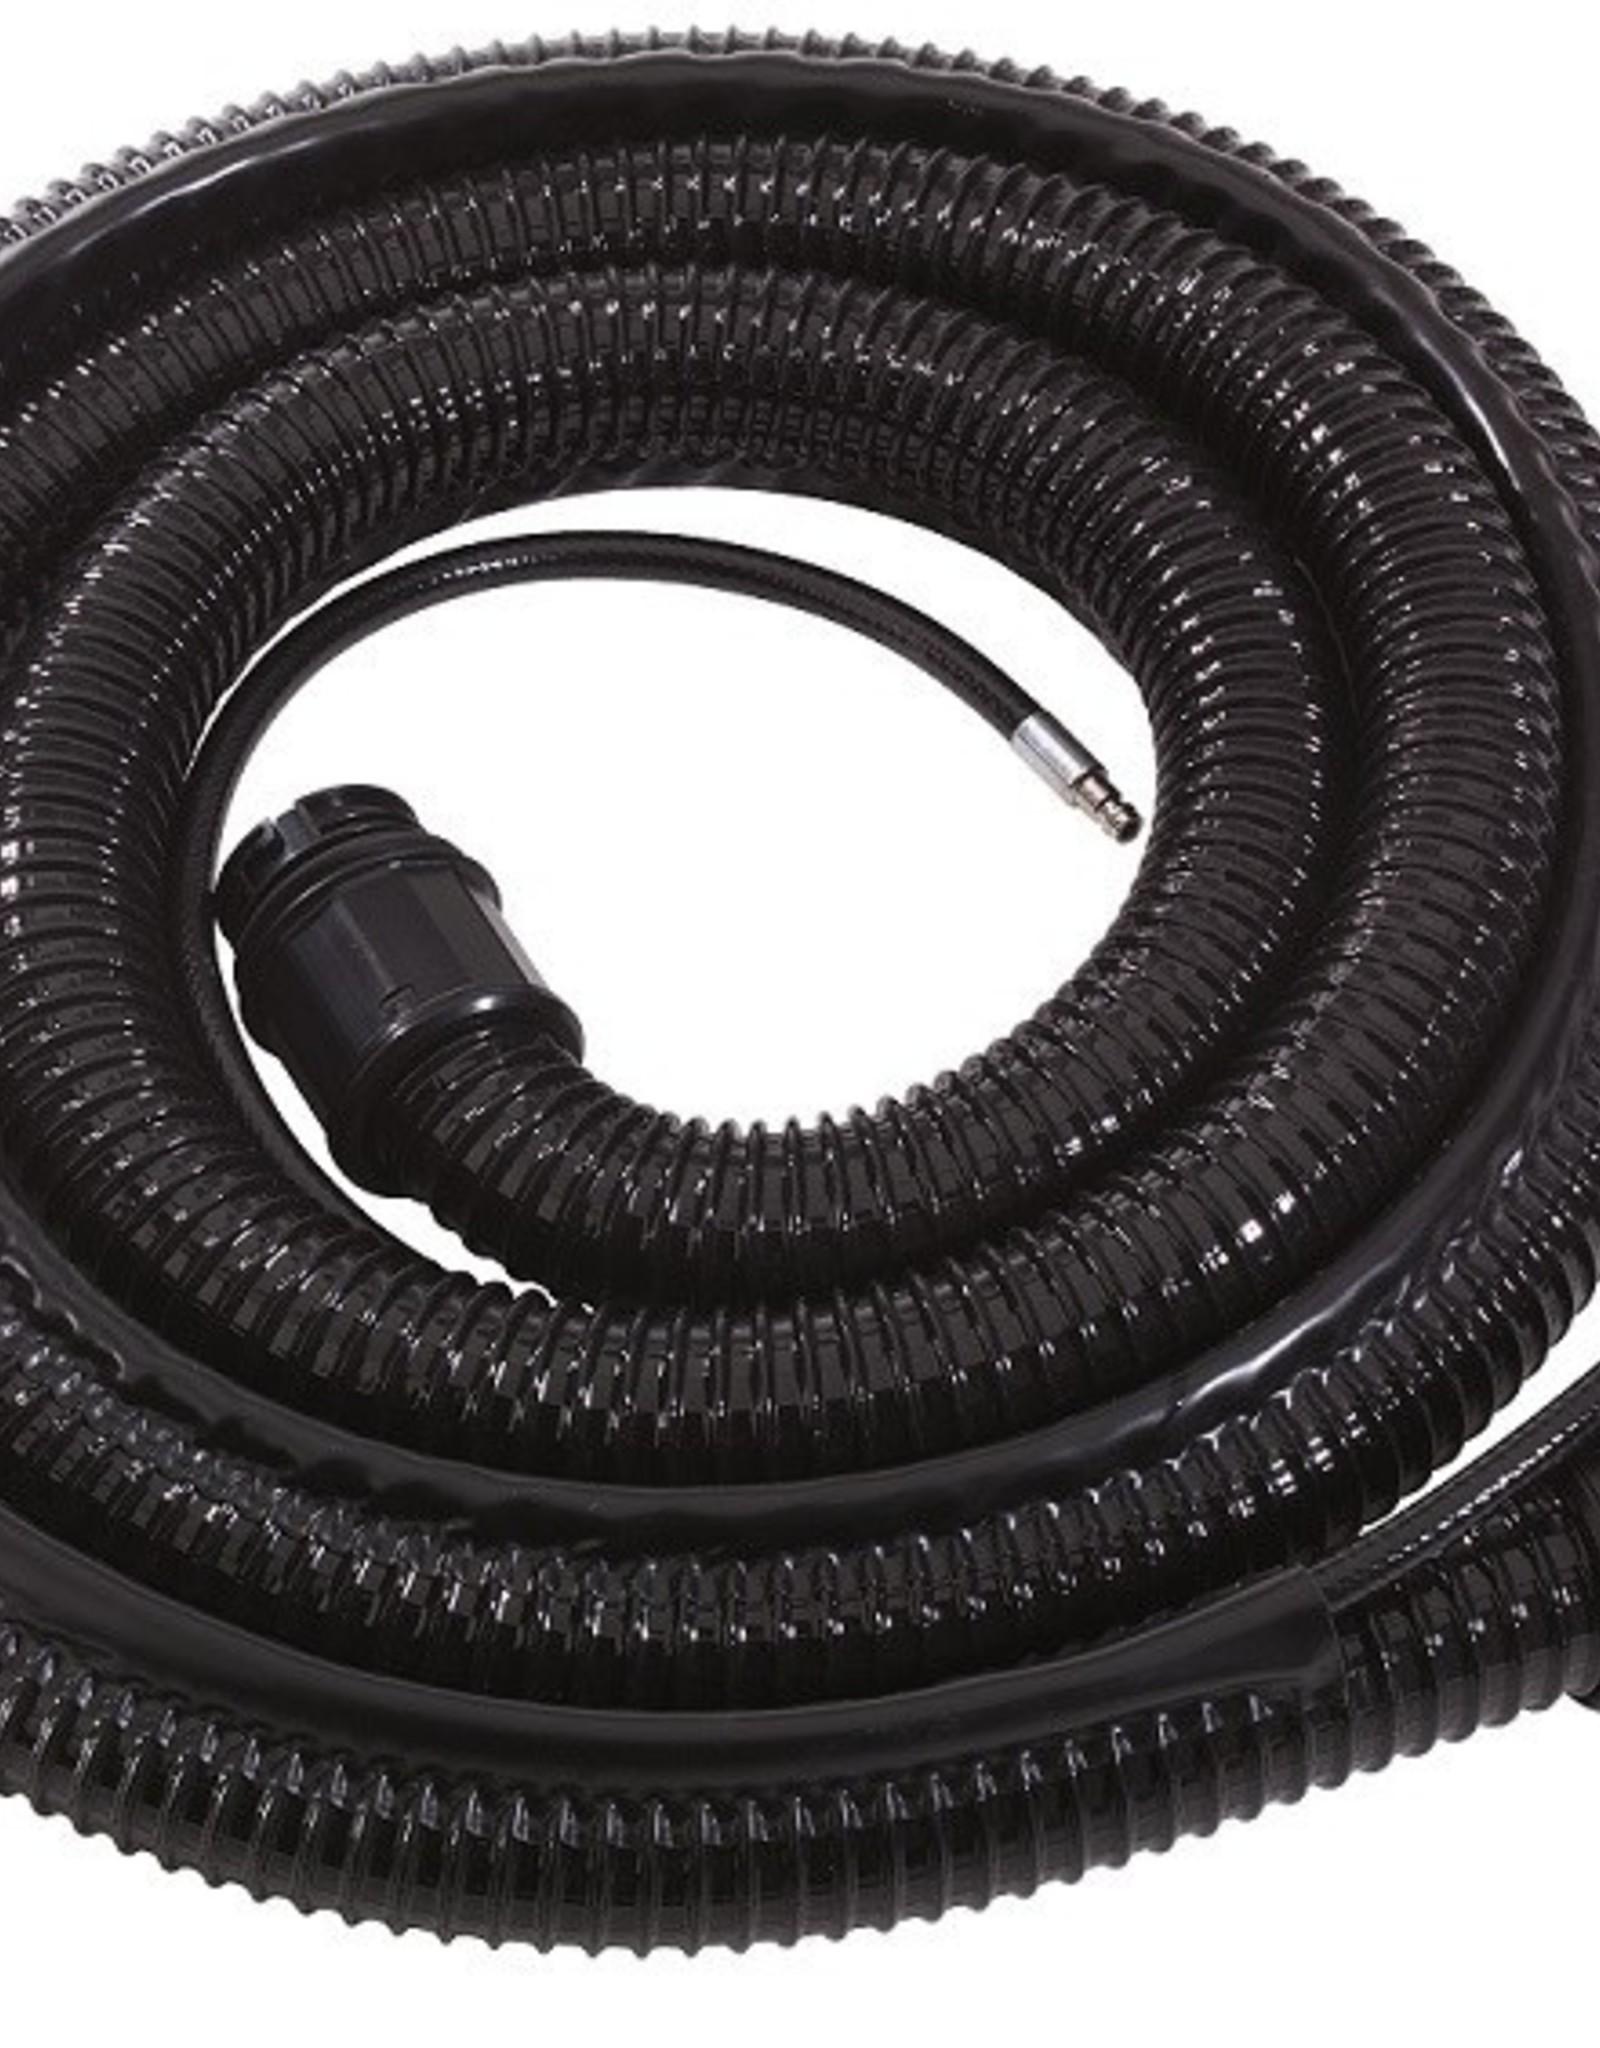 NUMATIC 38 mm extractieslang compleet 4,0 meter